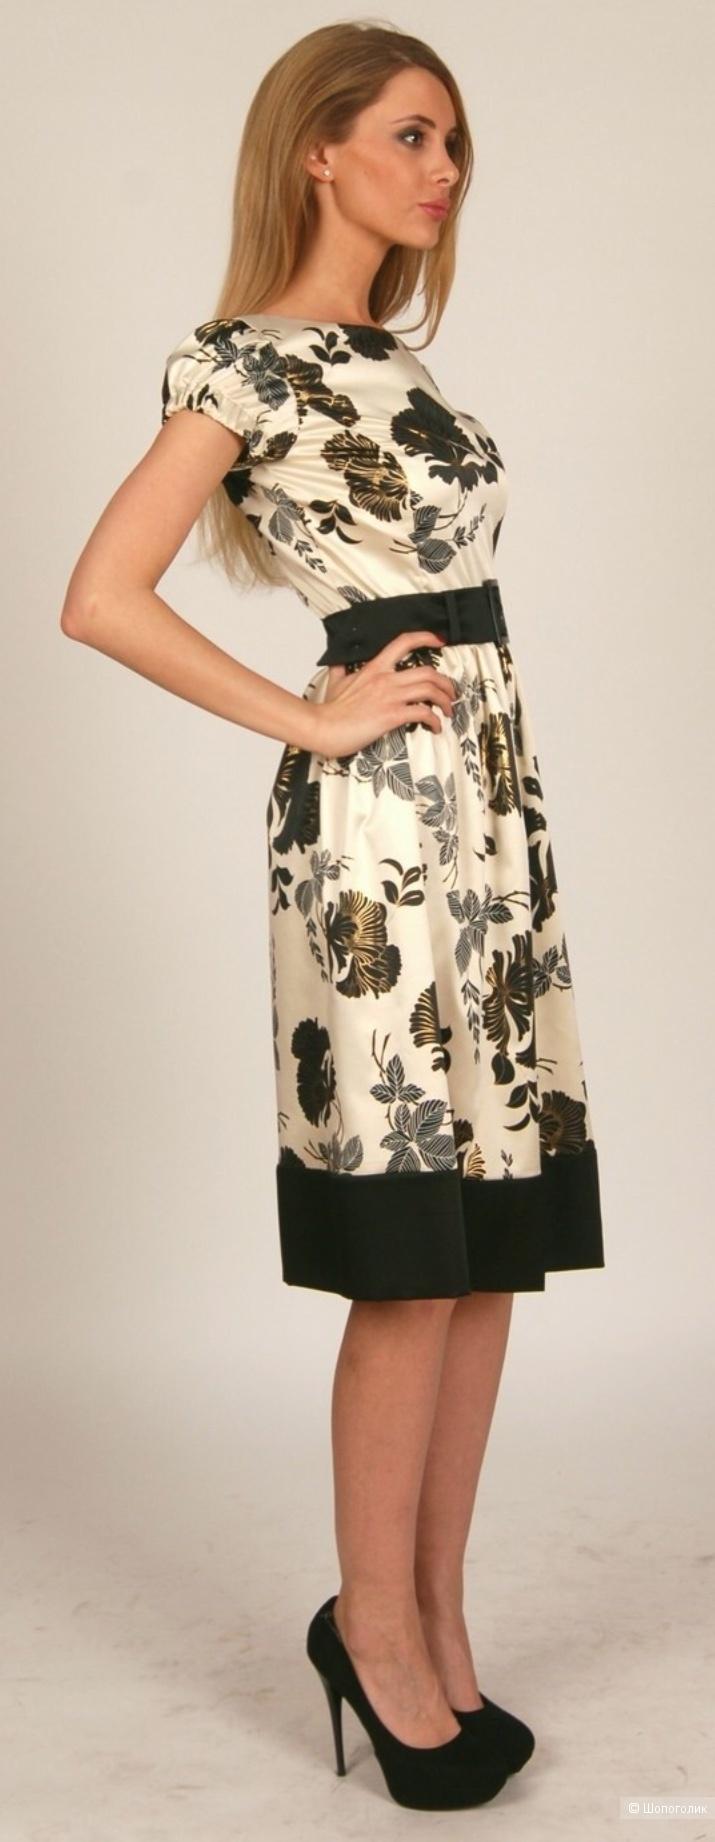 Платье Ruggiero размер 48